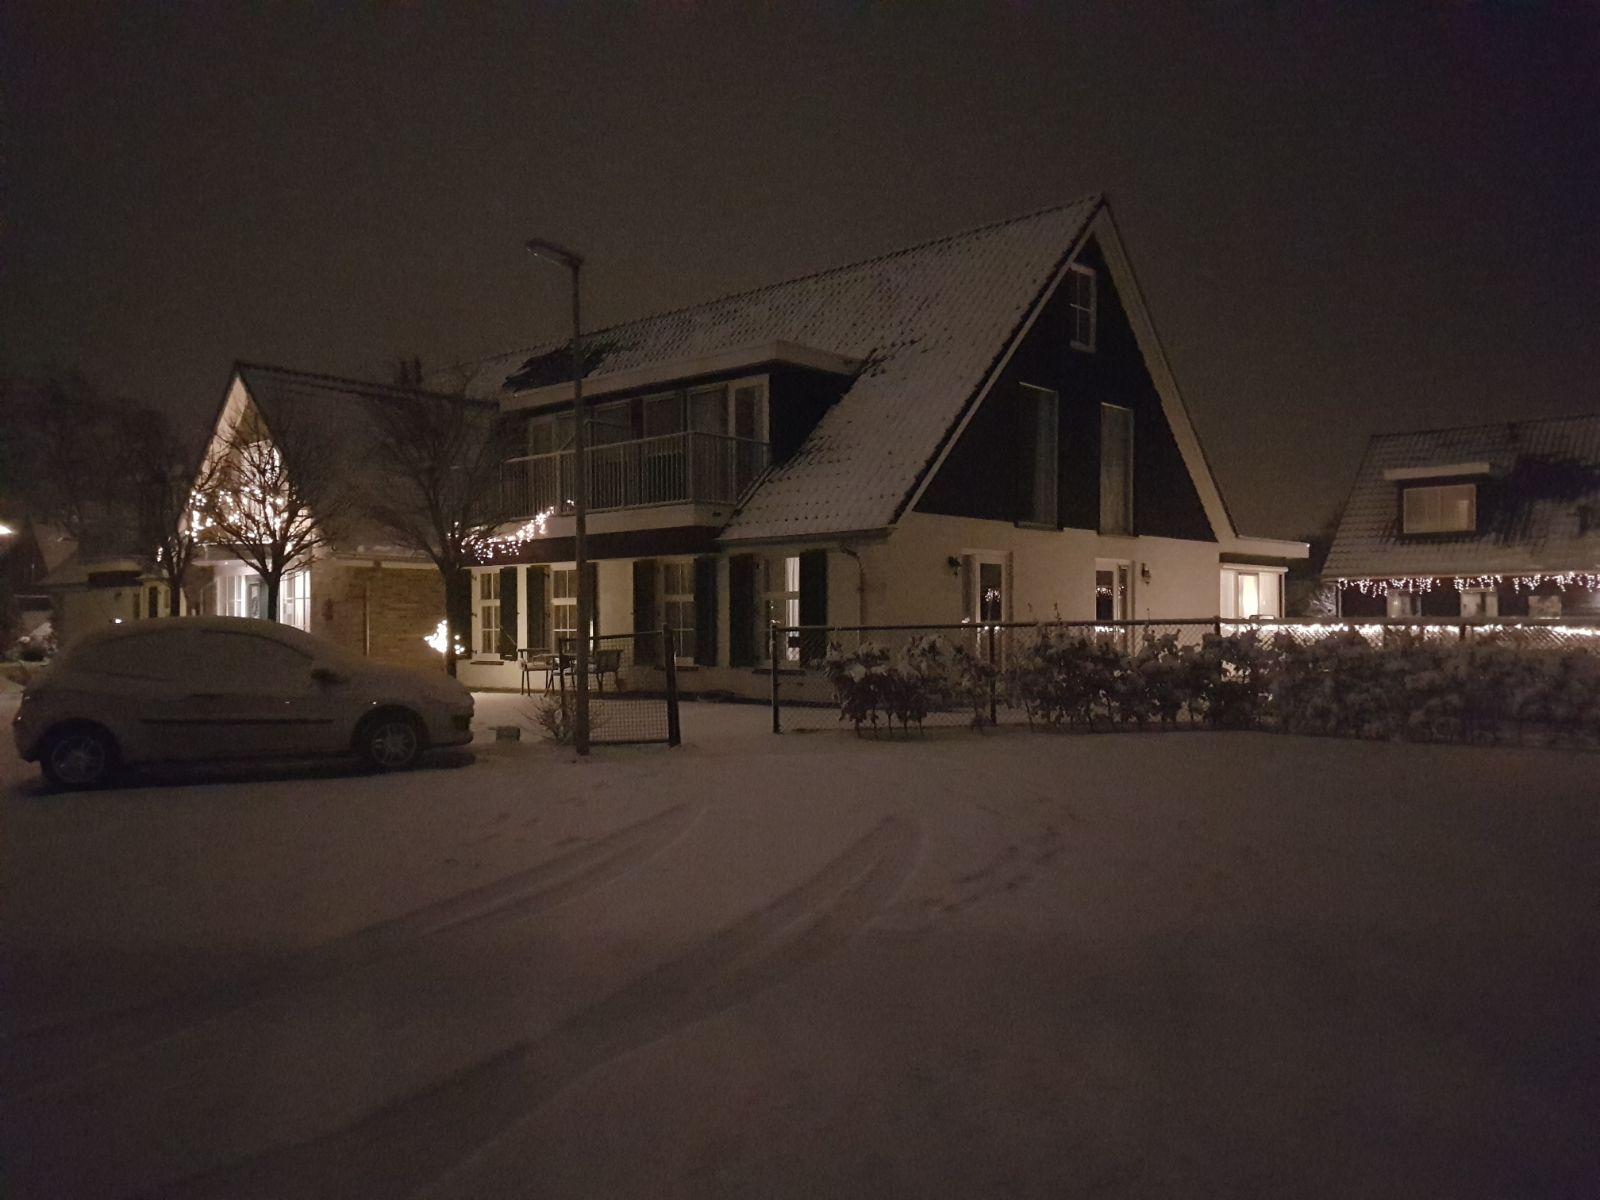 De ZorgVilla - Winter Wonderland